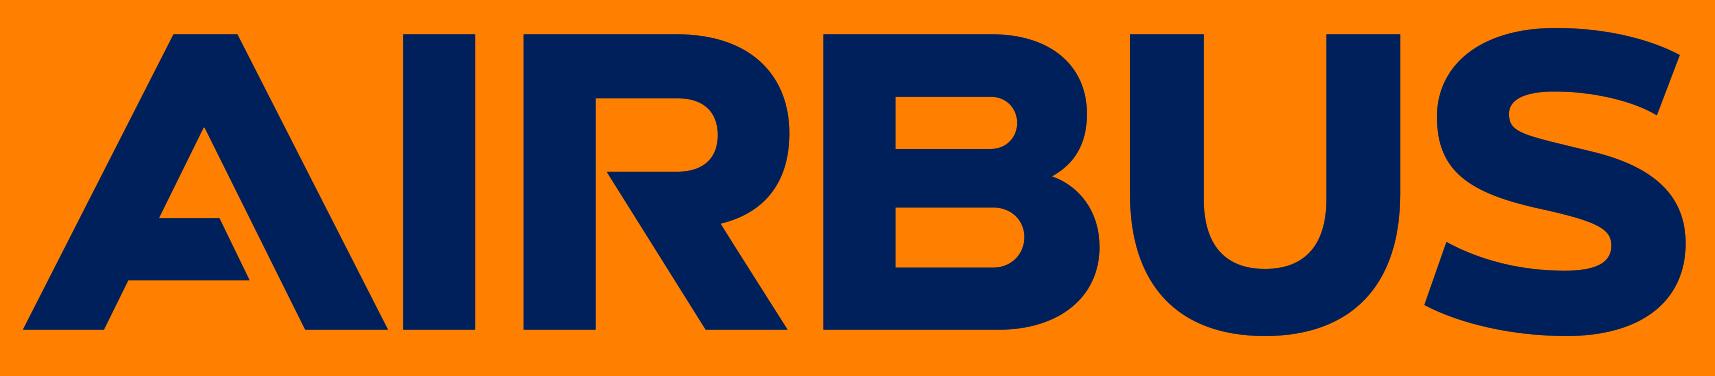 Logo_AIRBUSsm.png